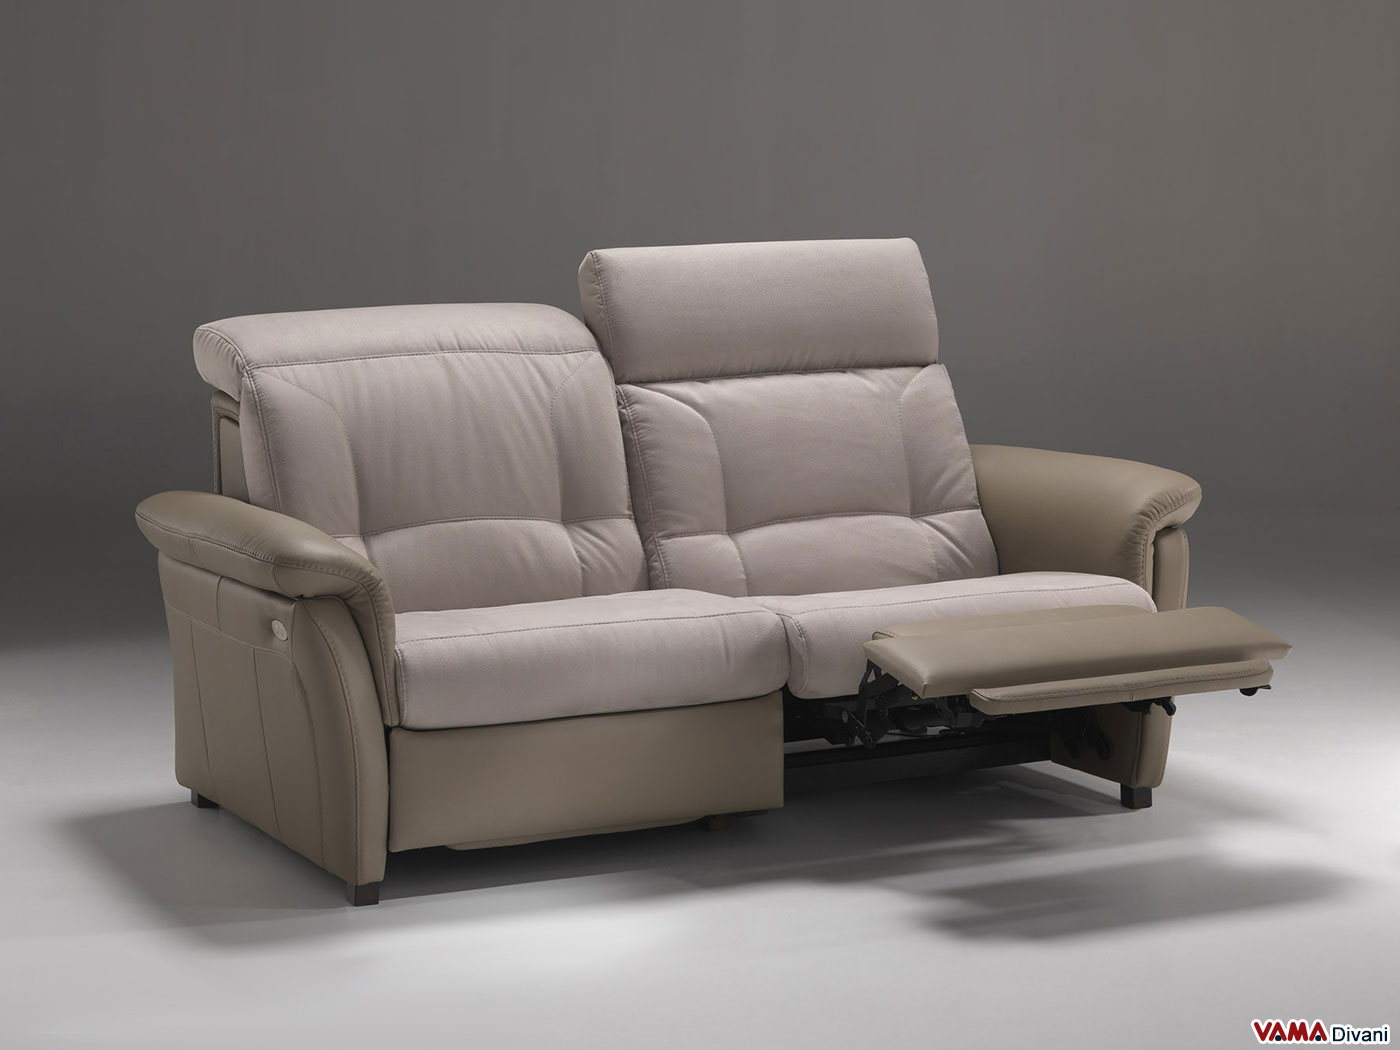 Divano in pelle con meccanismo relax elettrico indipendente for Divani e divani relax